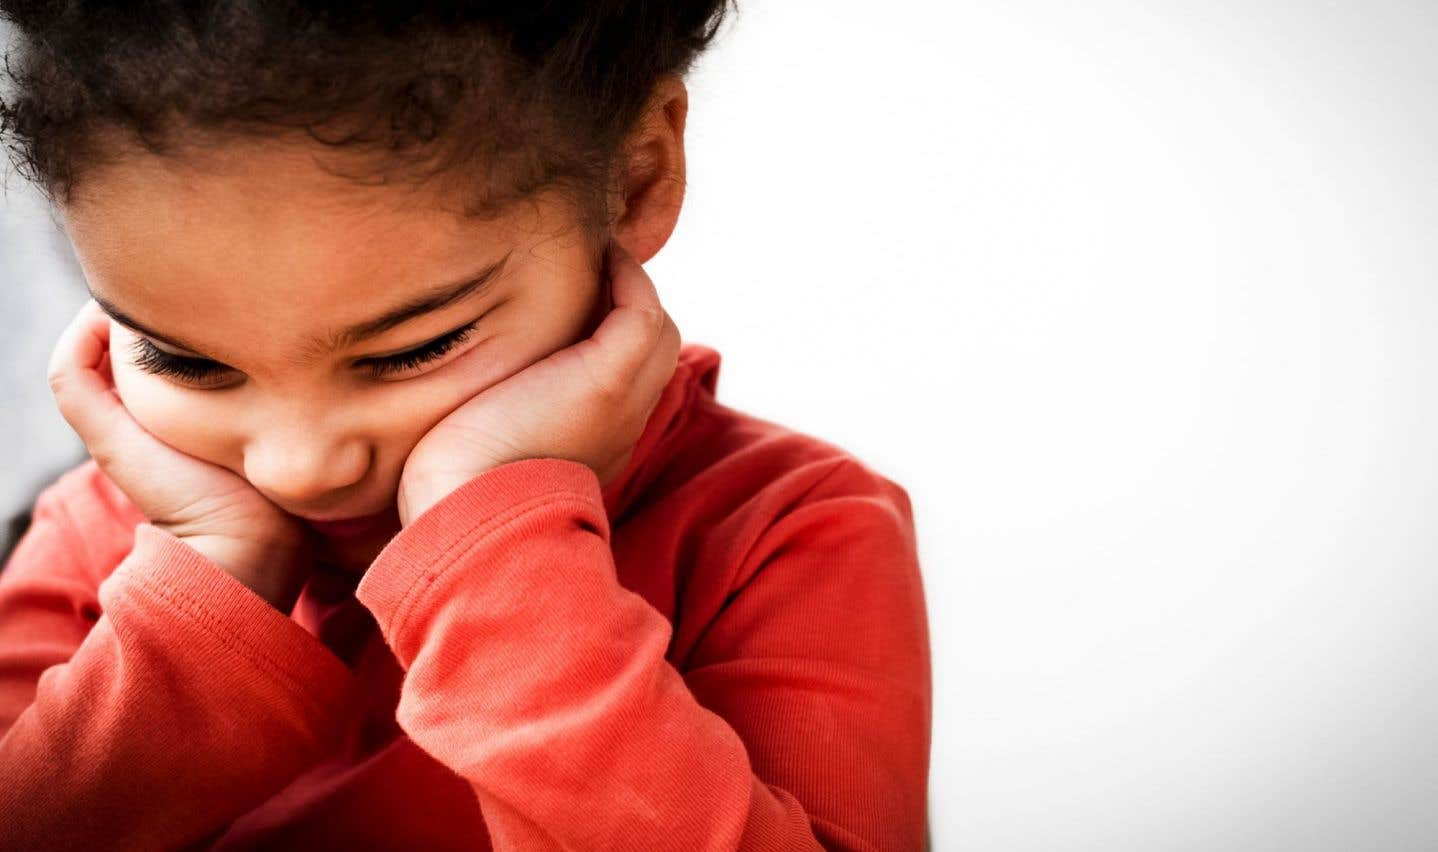 C'est quand les enfants n'arrivent pas à gérer leur anxiété que la situation est problématique ou anormale.